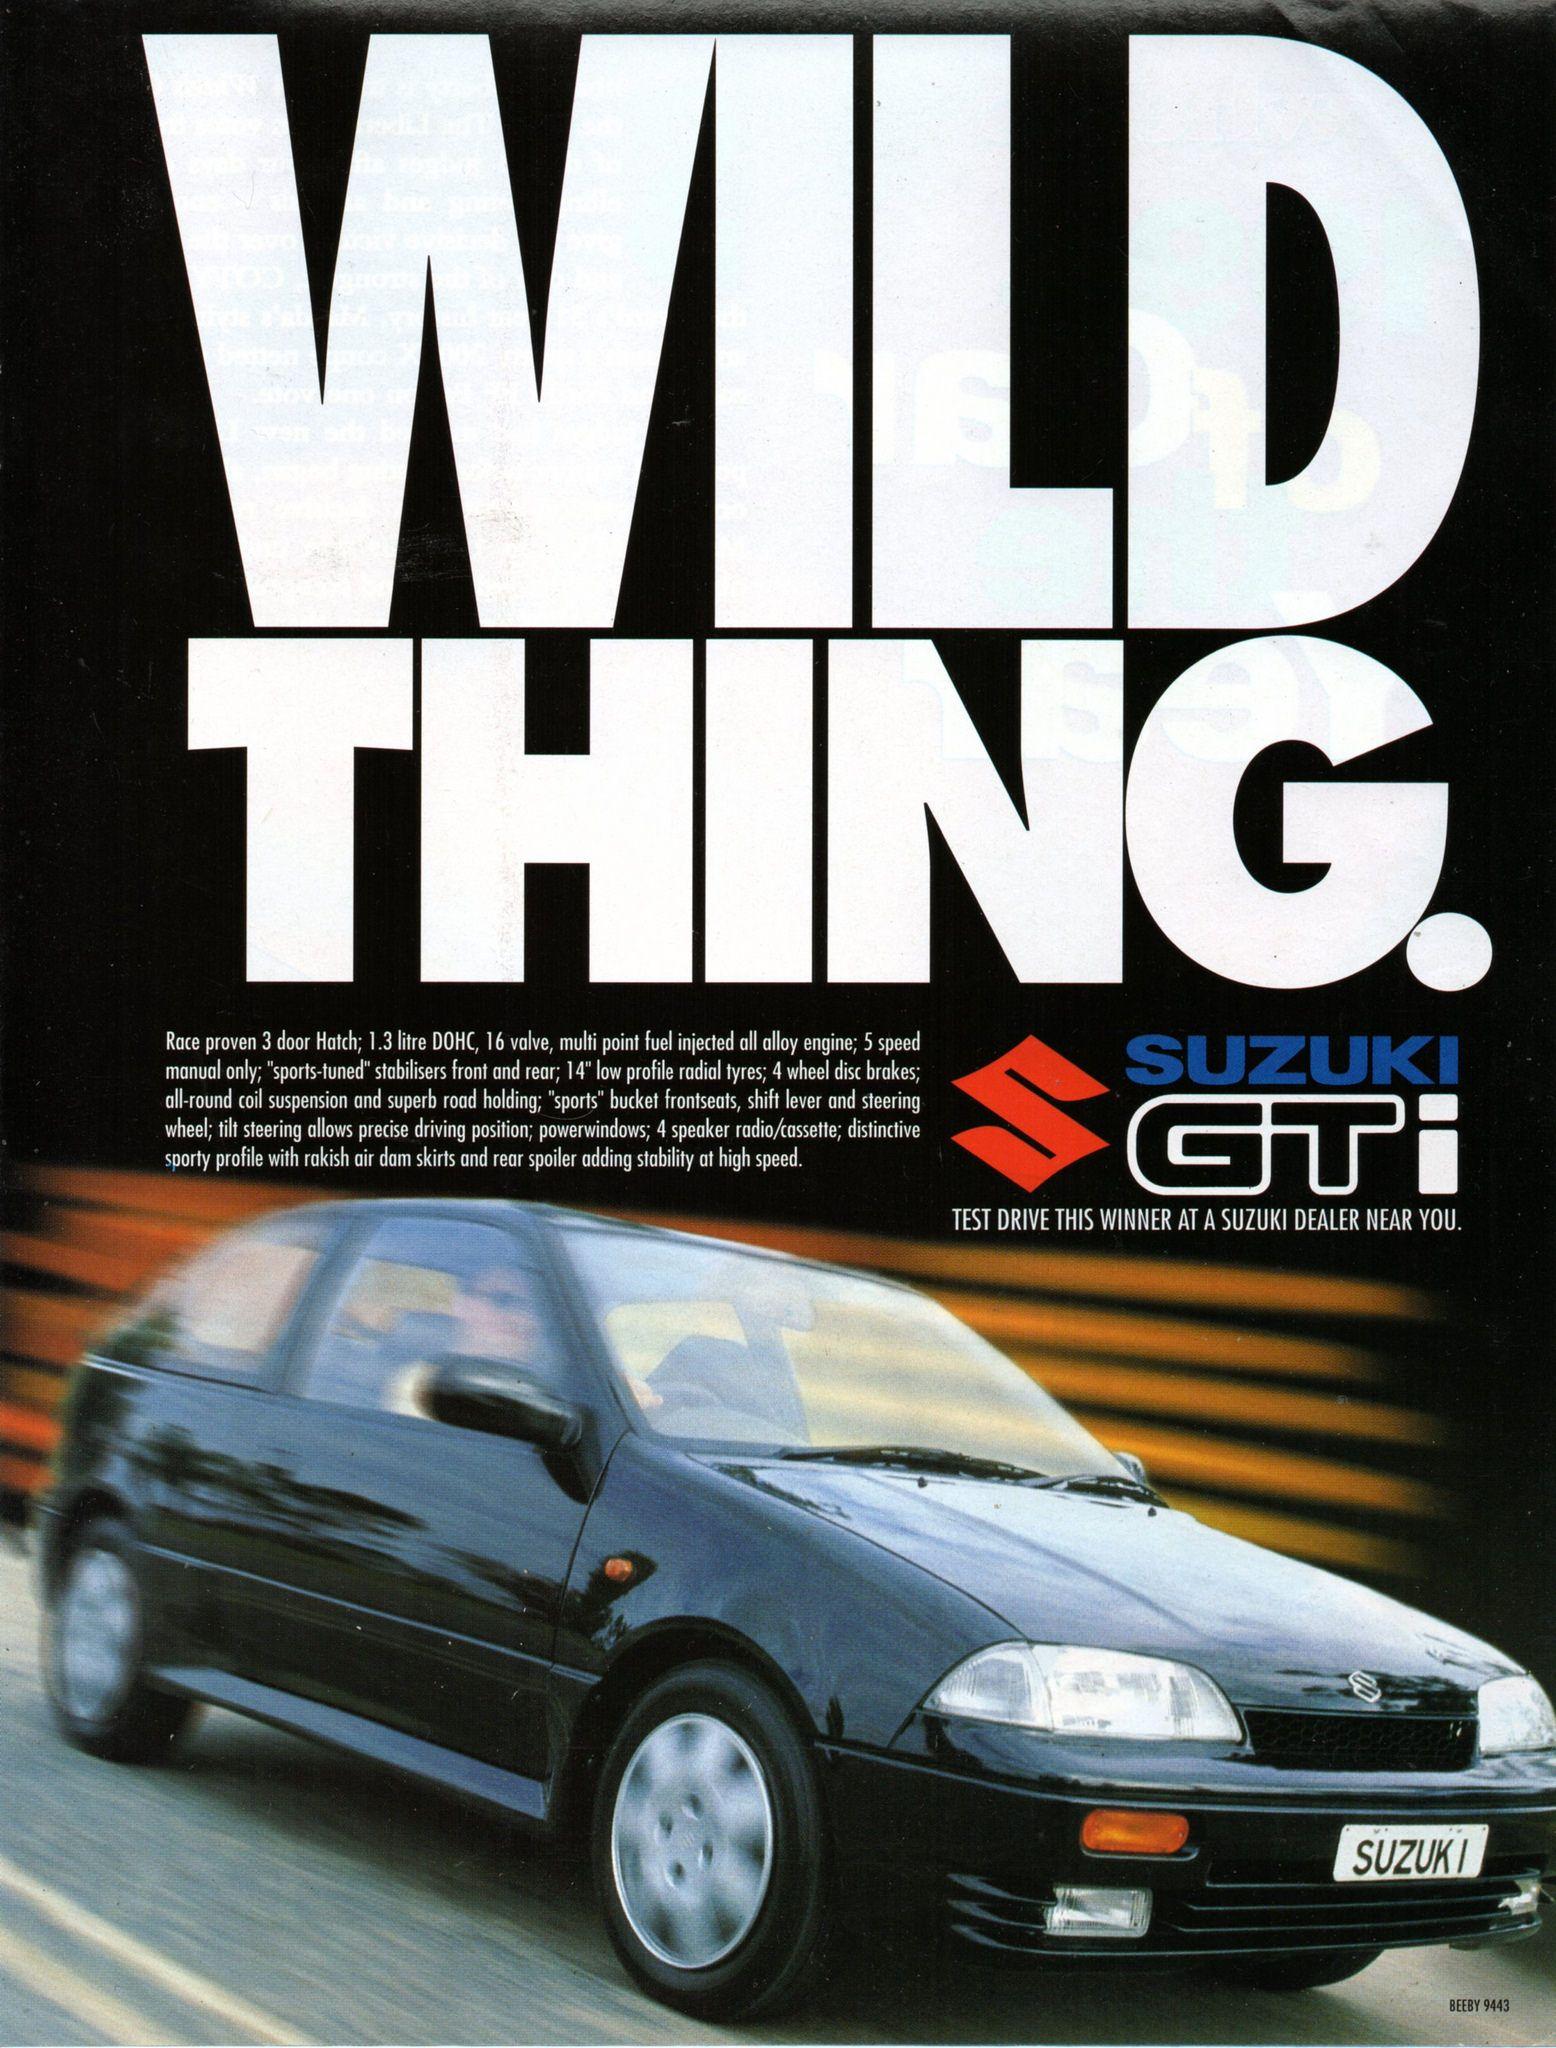 1994 Suzuki Swift GTi 3 Door Hatchback Aussie Original